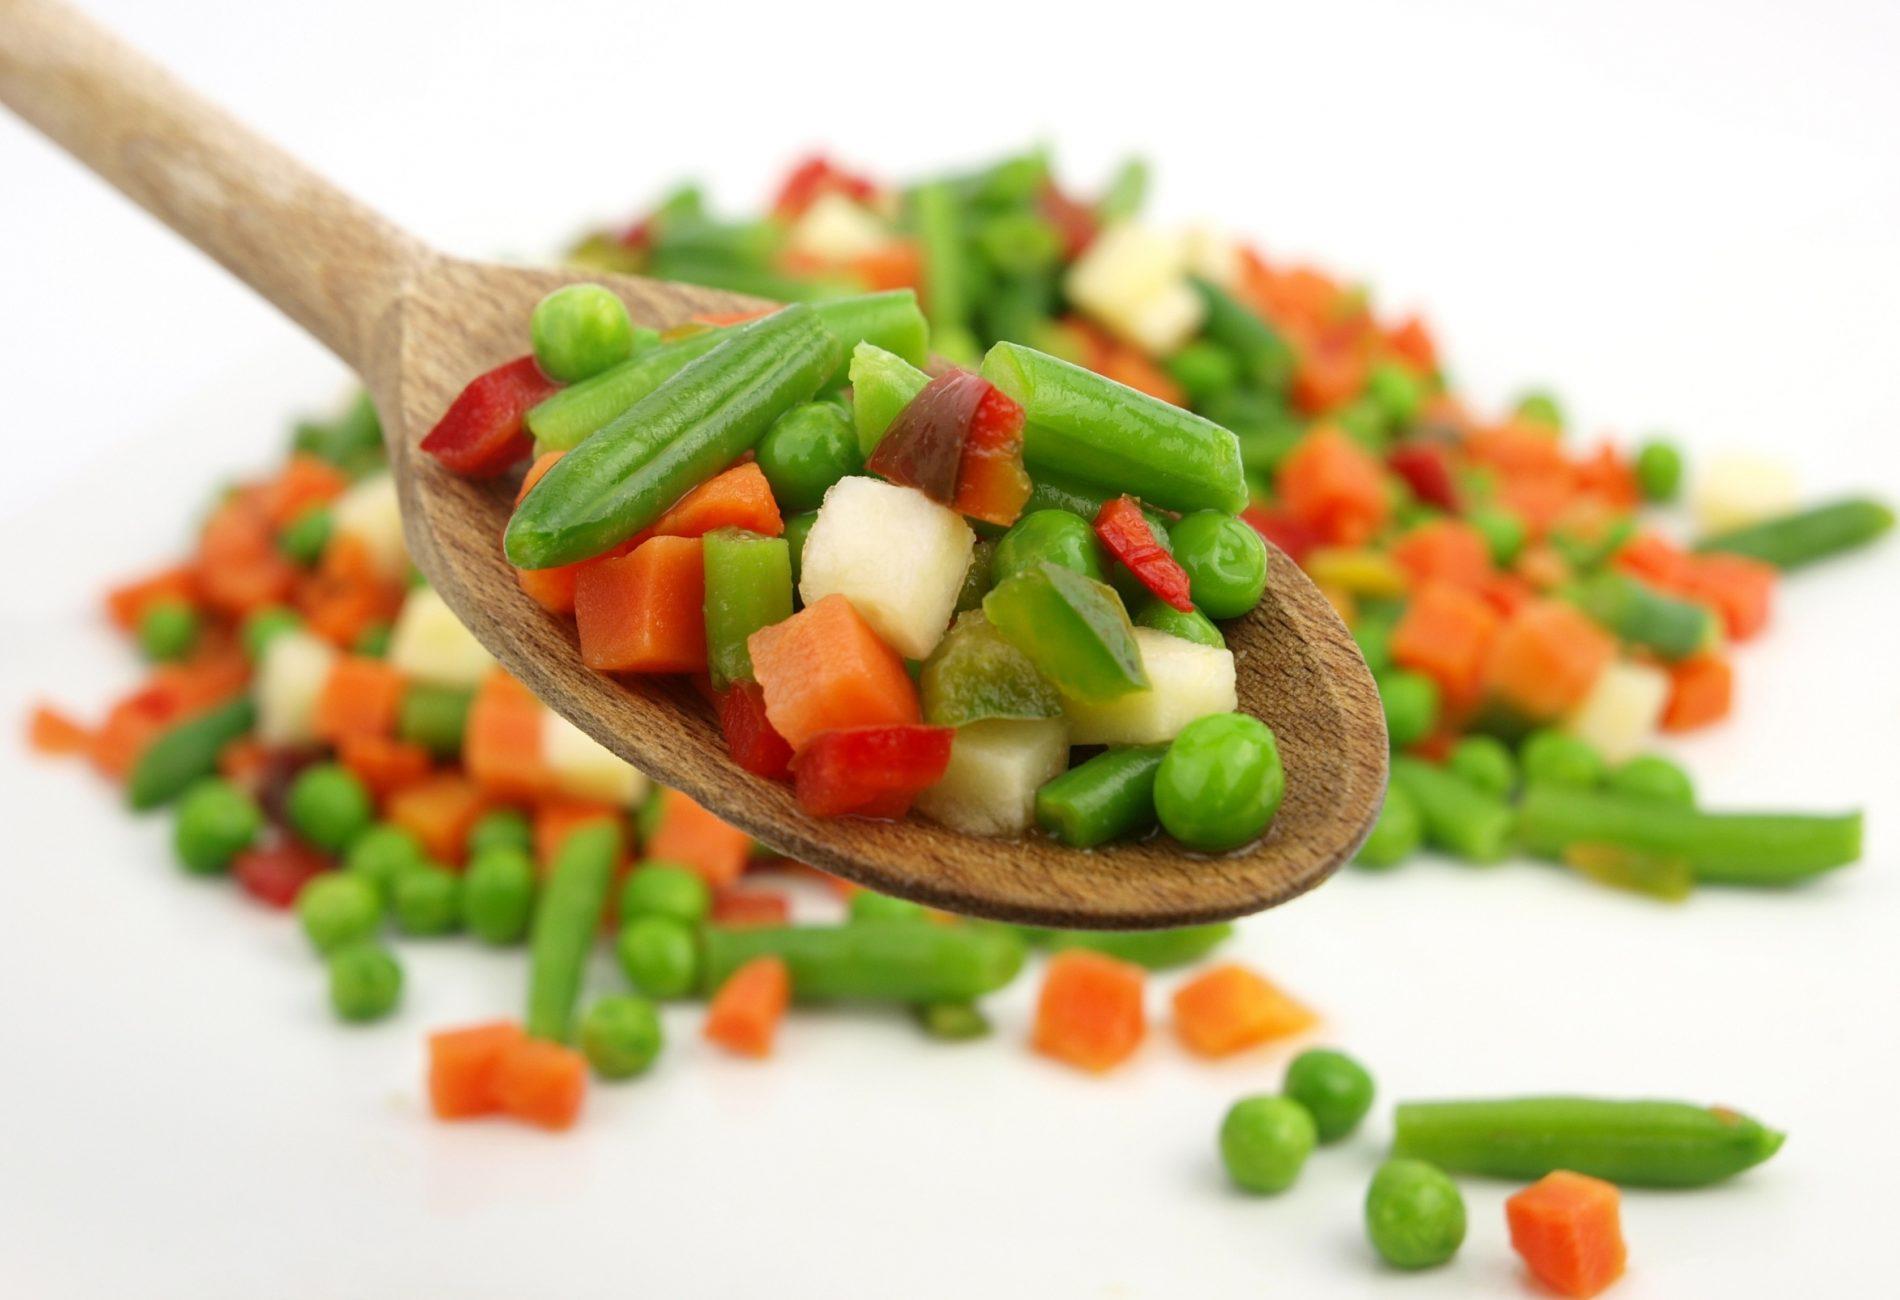 Sangam Agro Foods